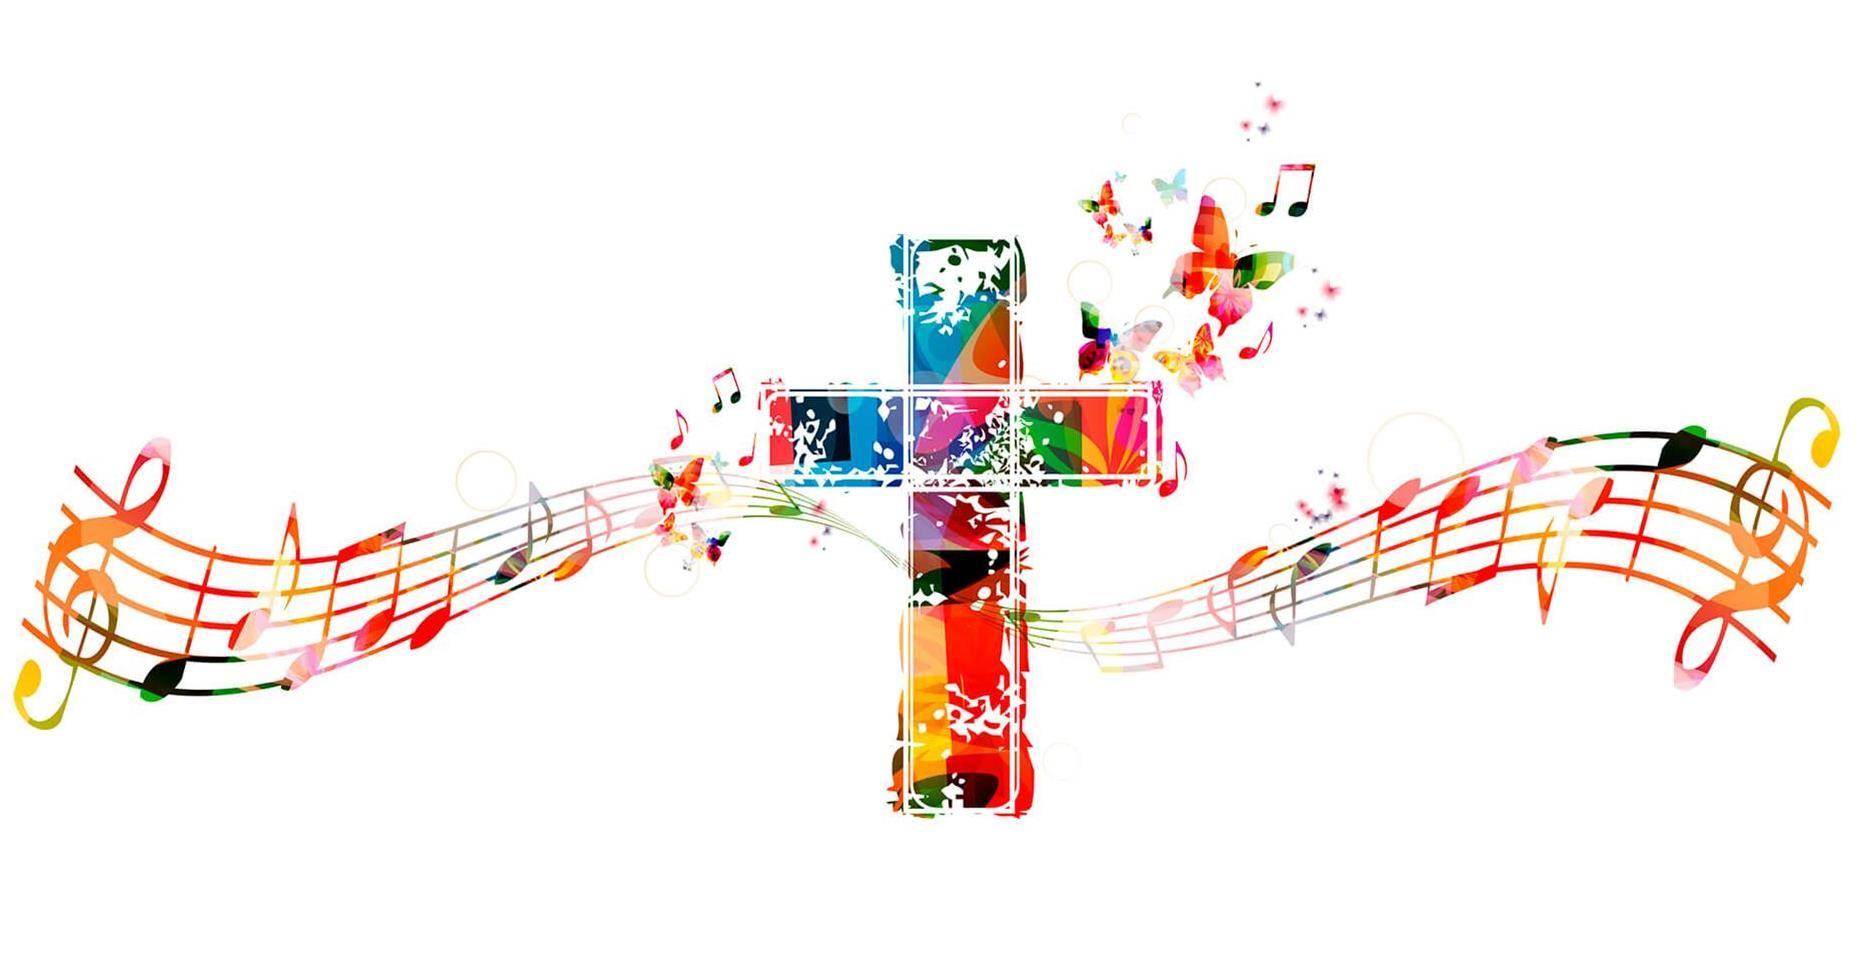 Marinens Musikkår - Kyrkliga klanger